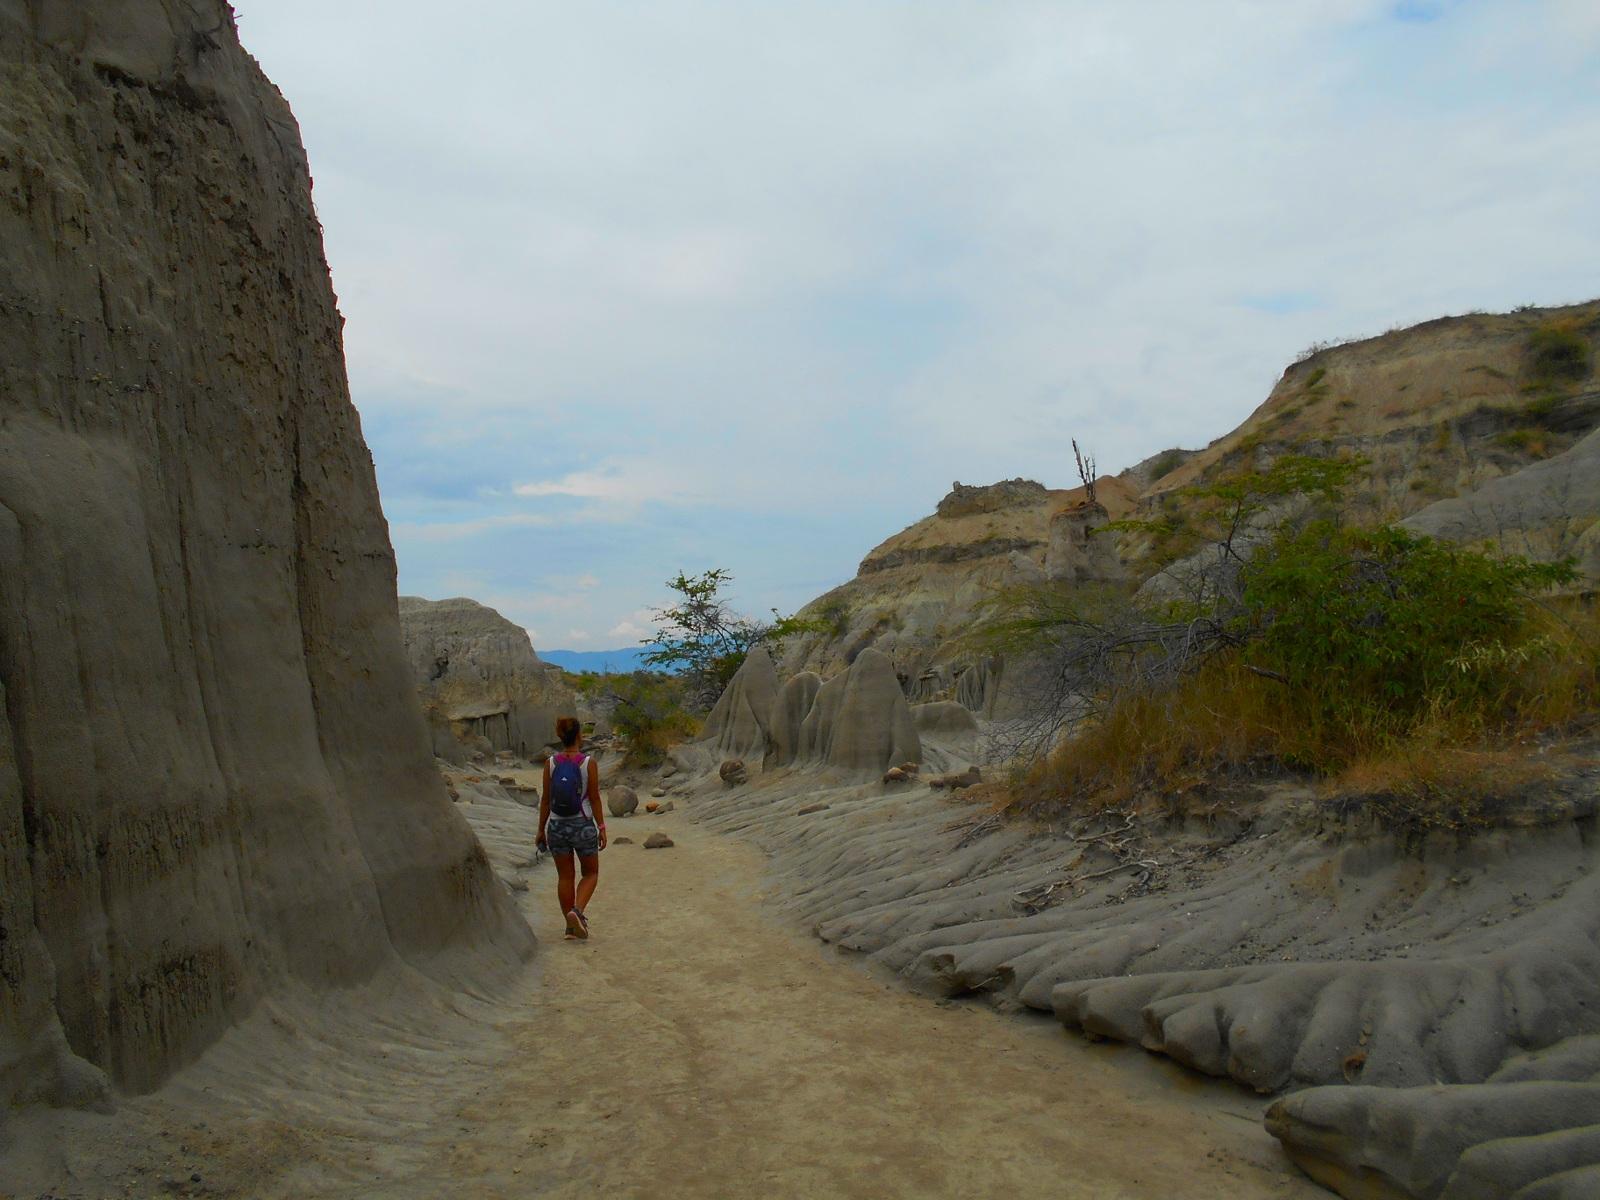 Desierto de Tatacoa, los hoyos